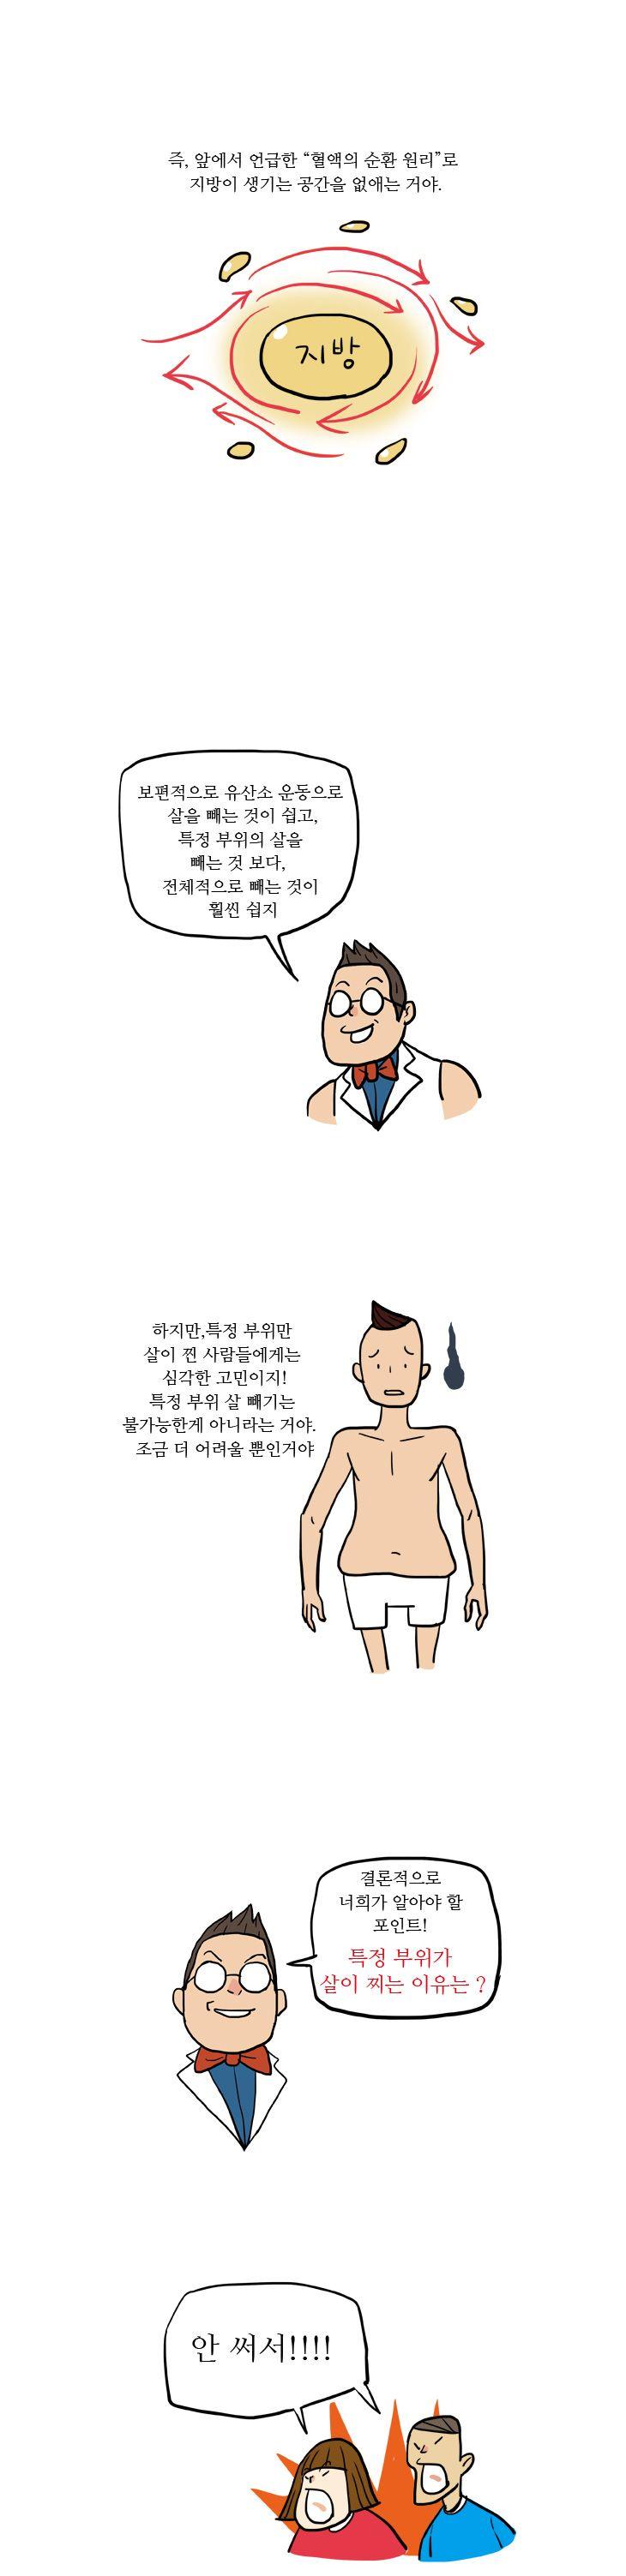 20화, 허벅지, 뱃살…왜 난 특정부위만 살이 찔까?